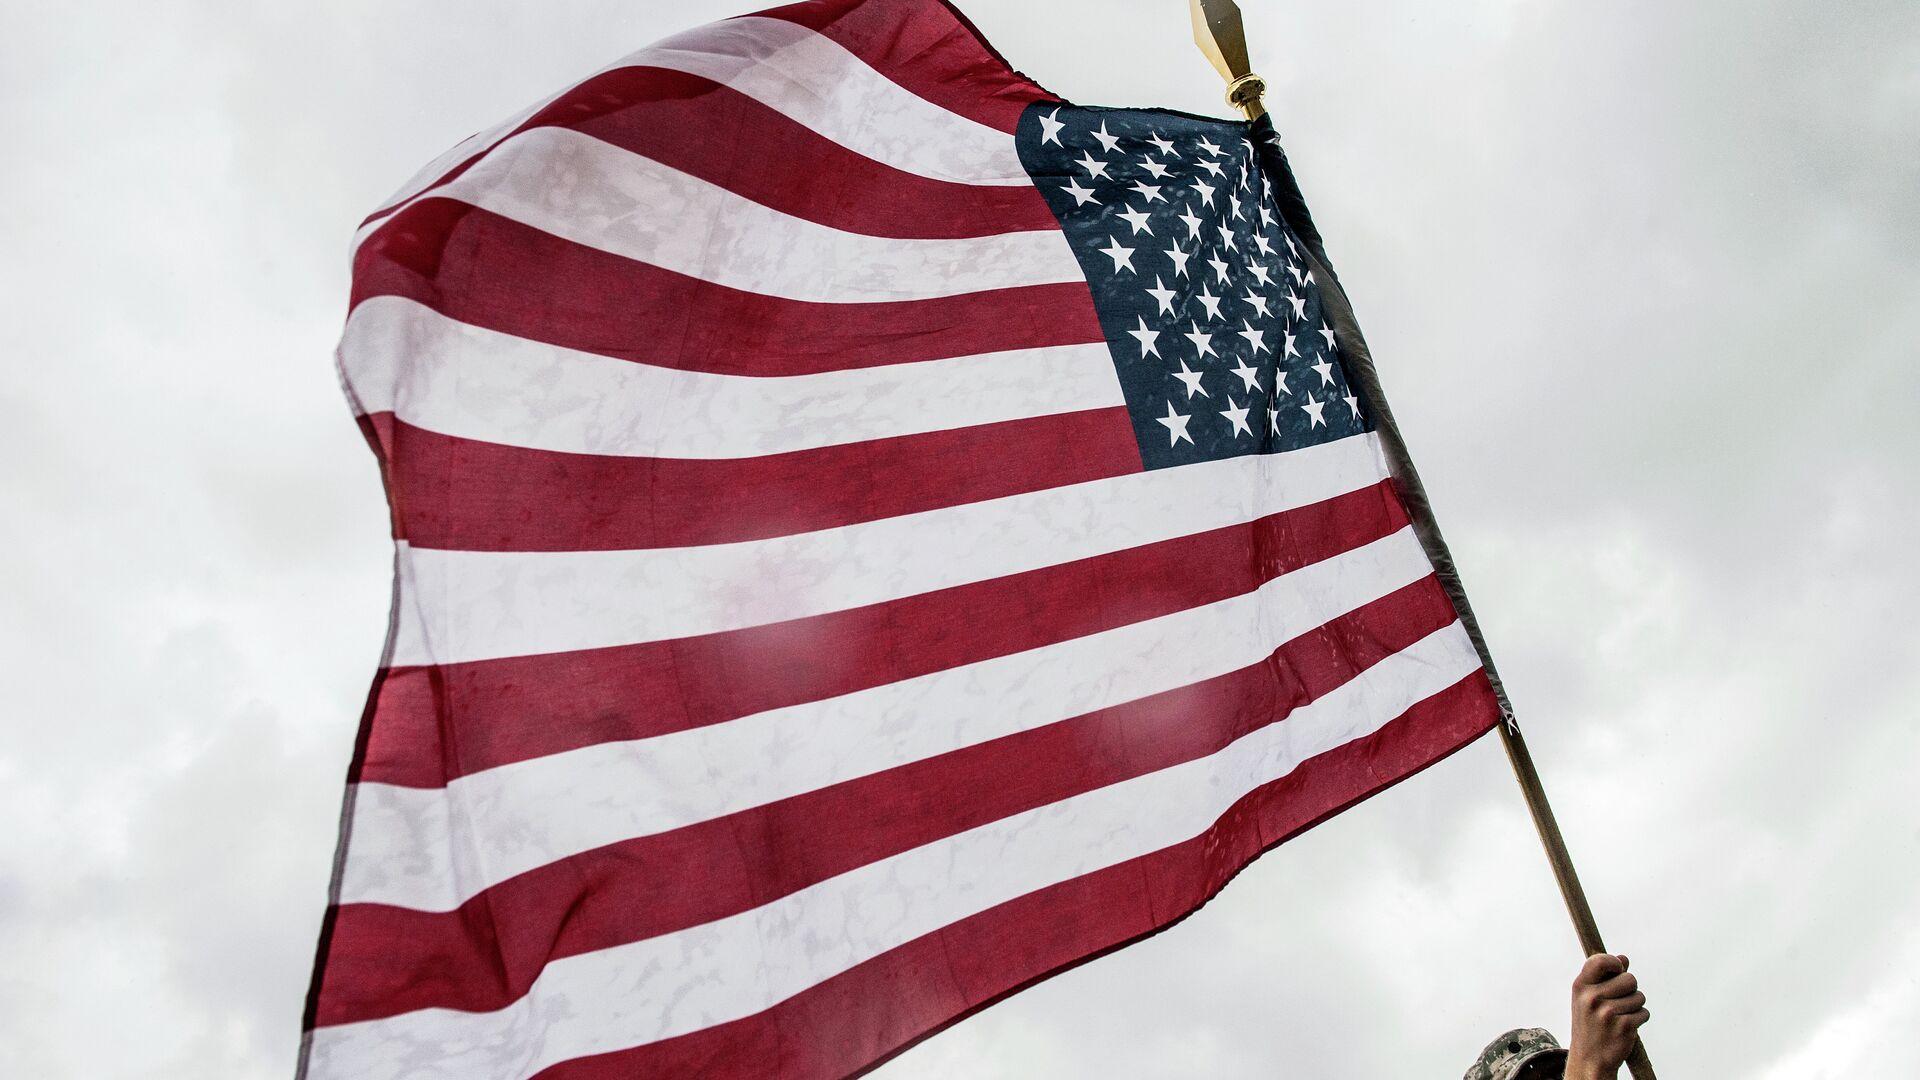 Vlajka USA - Sputnik Česká republika, 1920, 07.10.2021